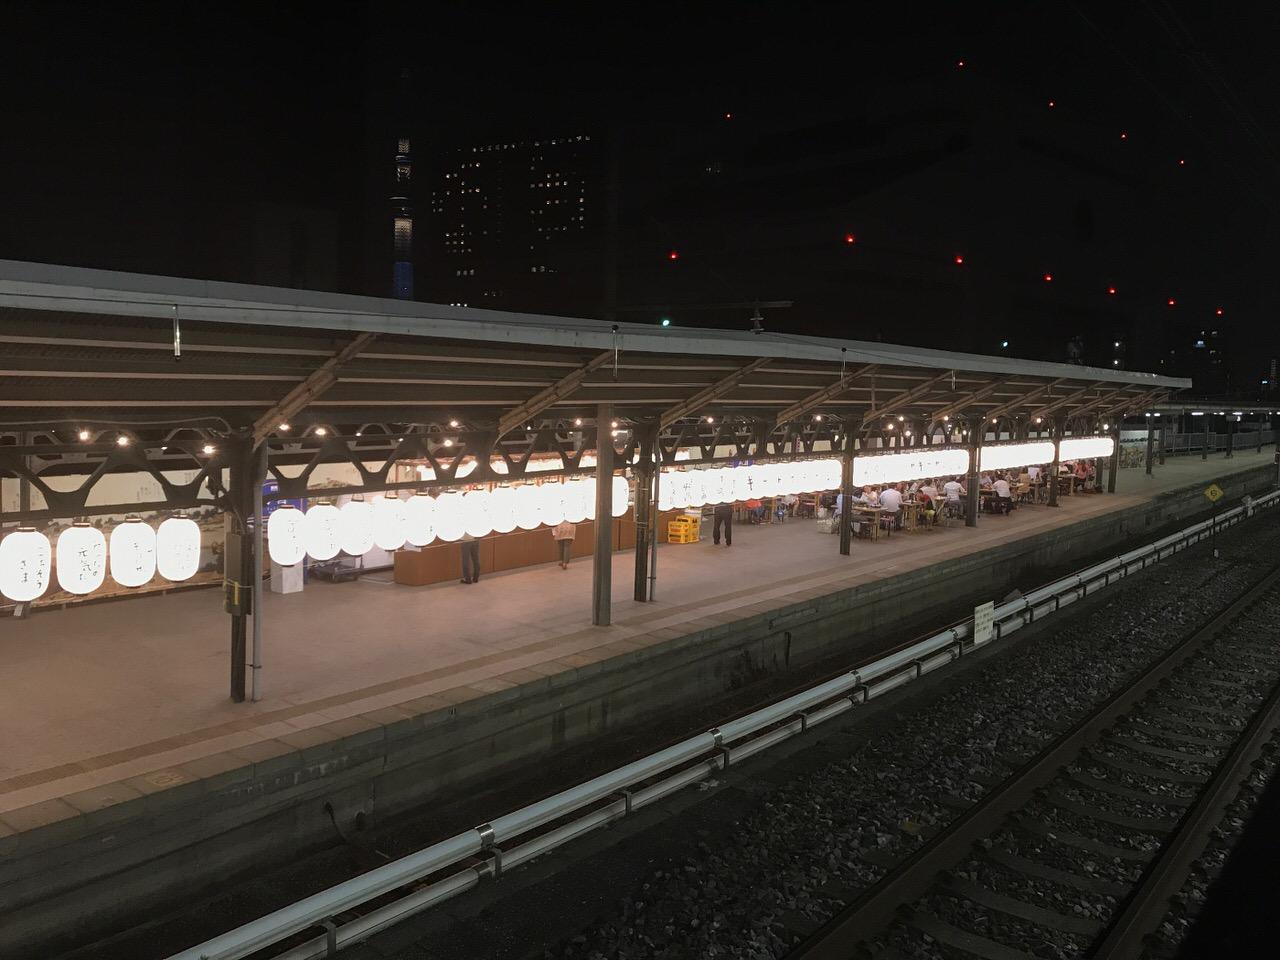 両国駅3番ホームのギョーザステーションを他のホームから眺めた